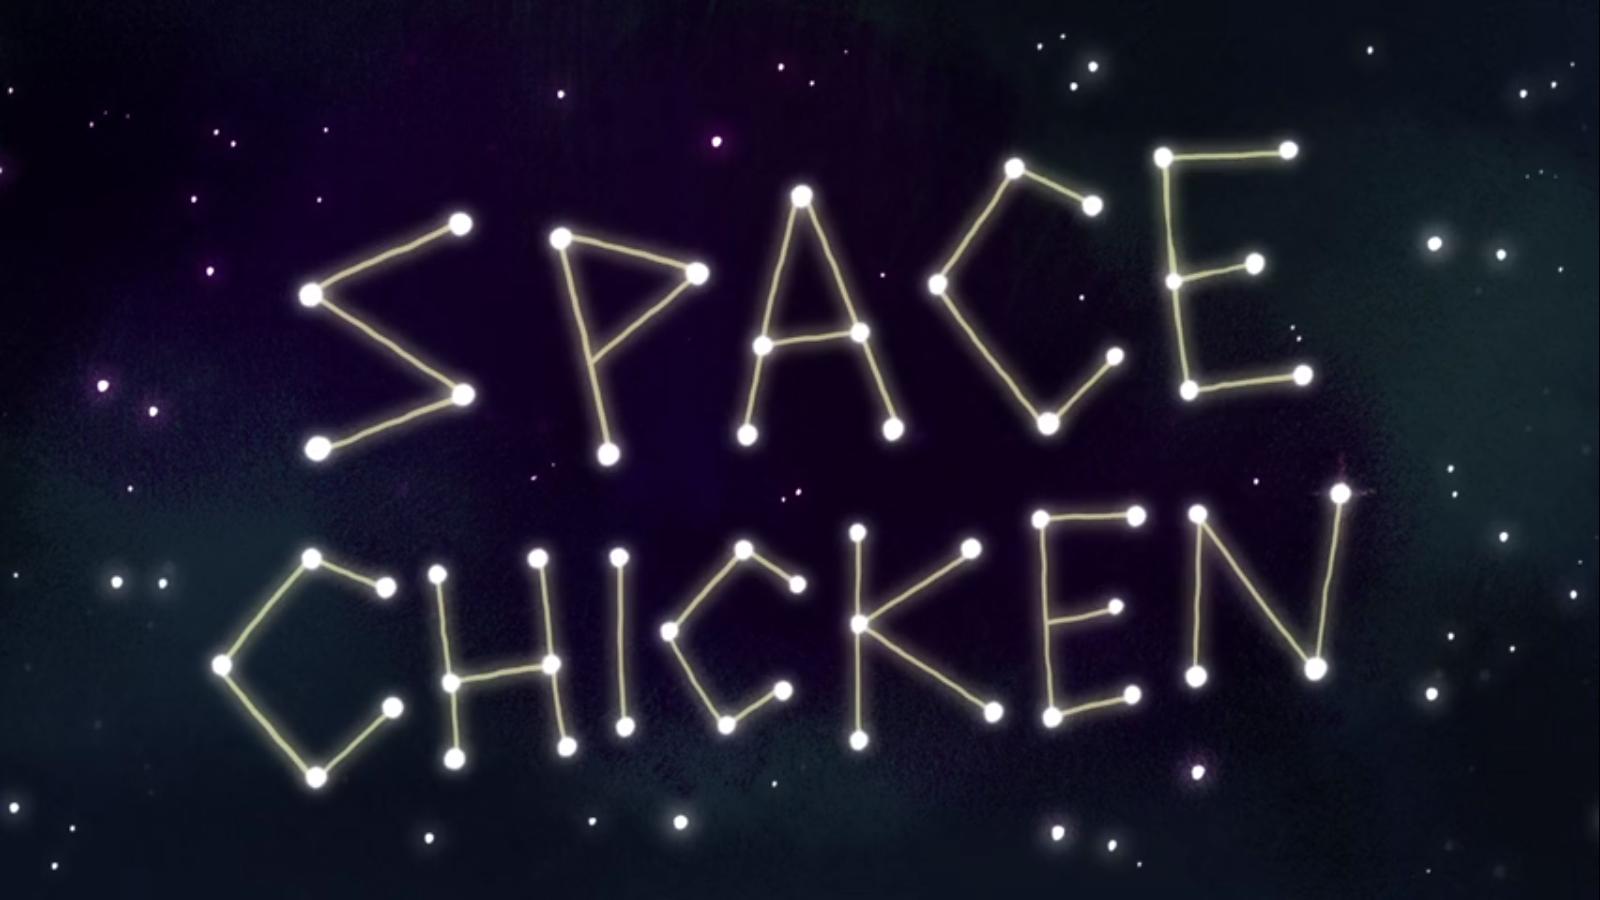 Space Chicken